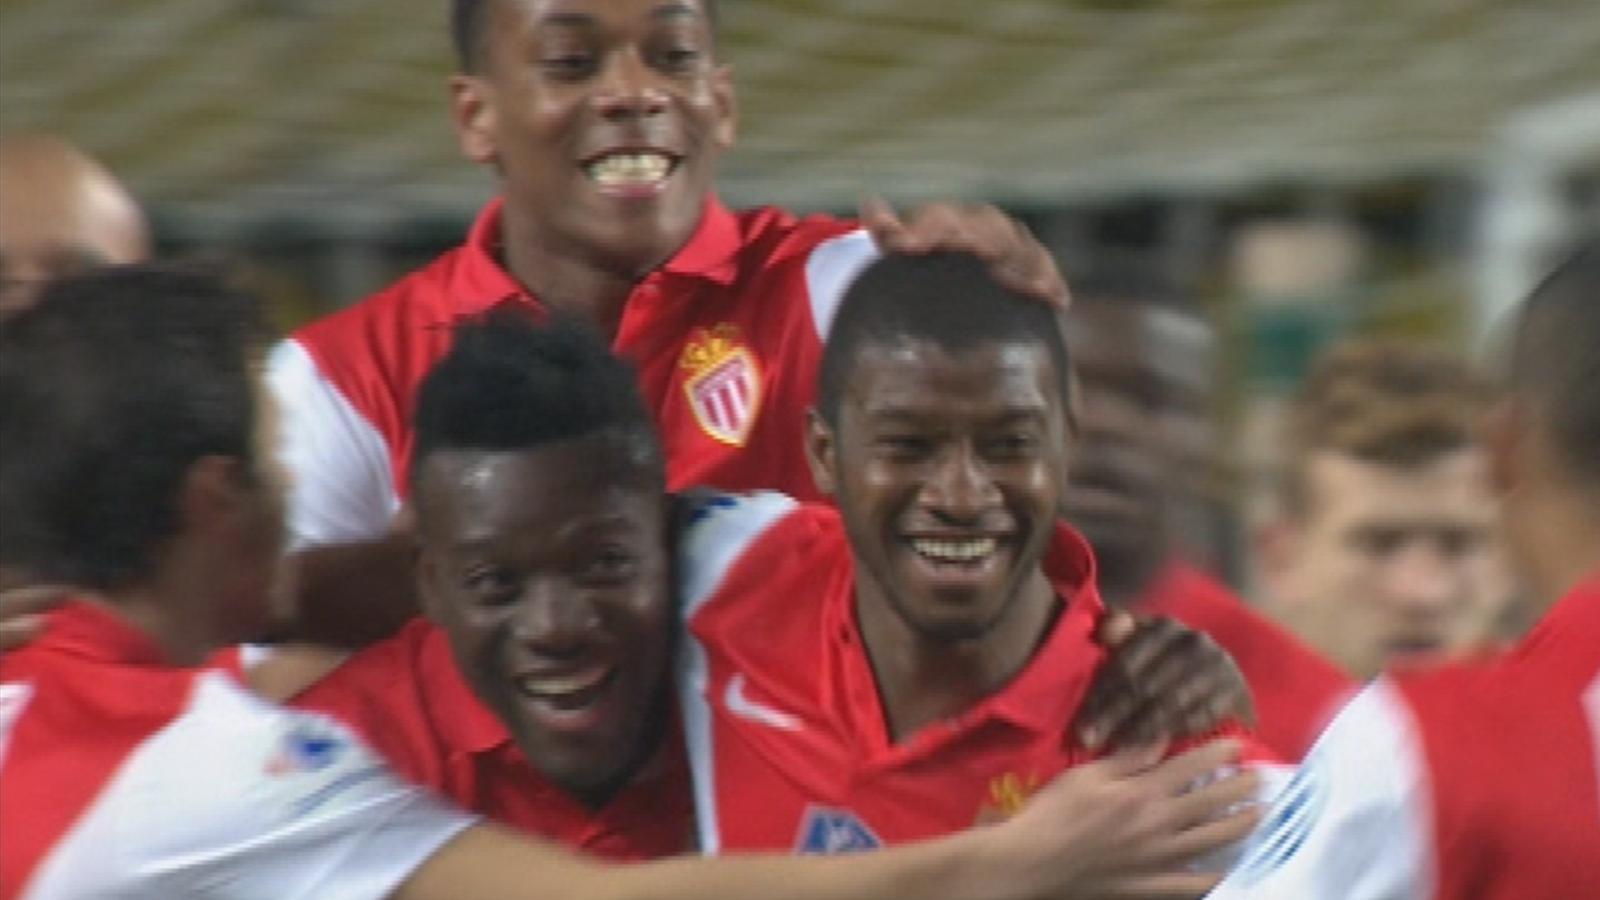 Coupe de France ASM-Rennes 3-1 : Costaud et efficace, Monaco se qualifie dans un fauteuil